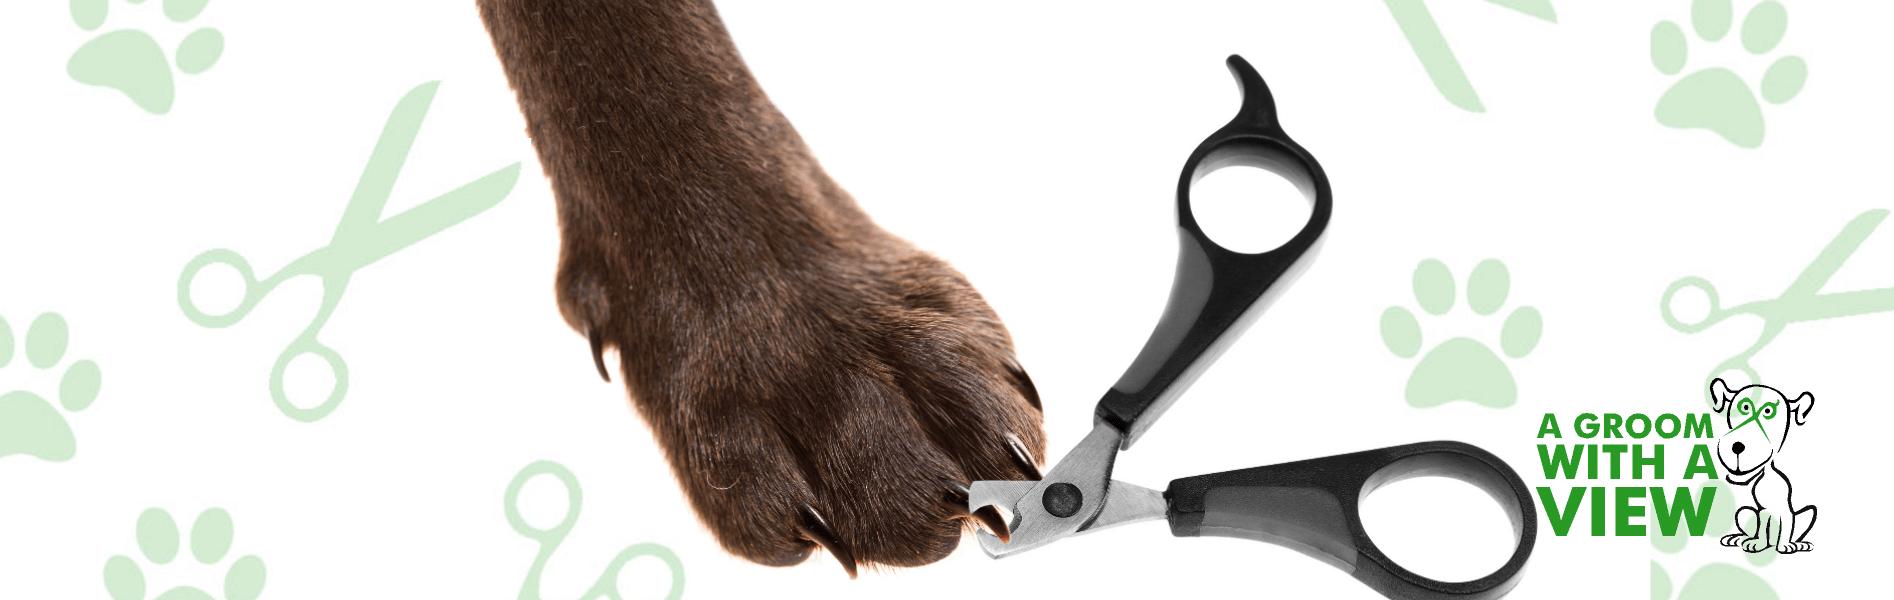 dog grooming-nail clipping